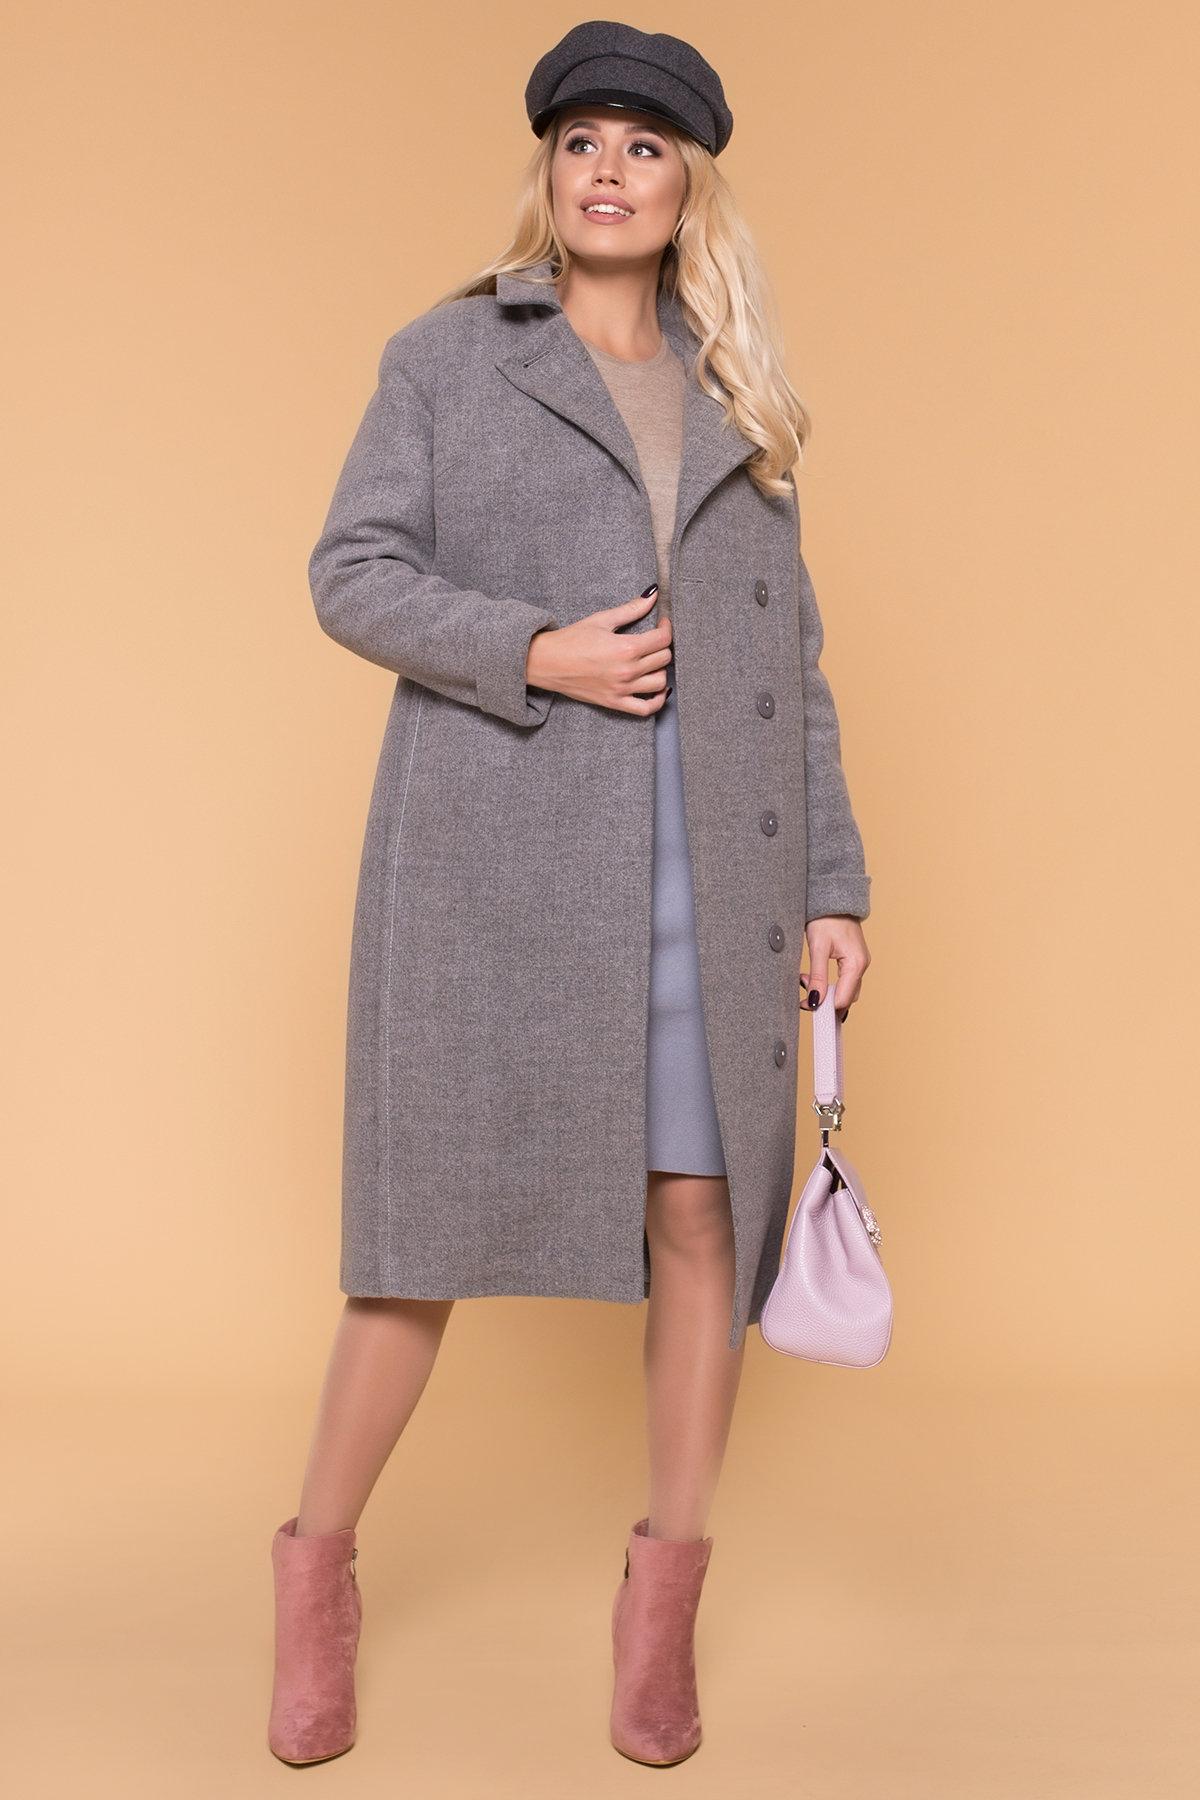 Пальто зима Богема 5707 АРТ. 38004 Цвет: Серый 18 - фото 3, интернет магазин tm-modus.ru